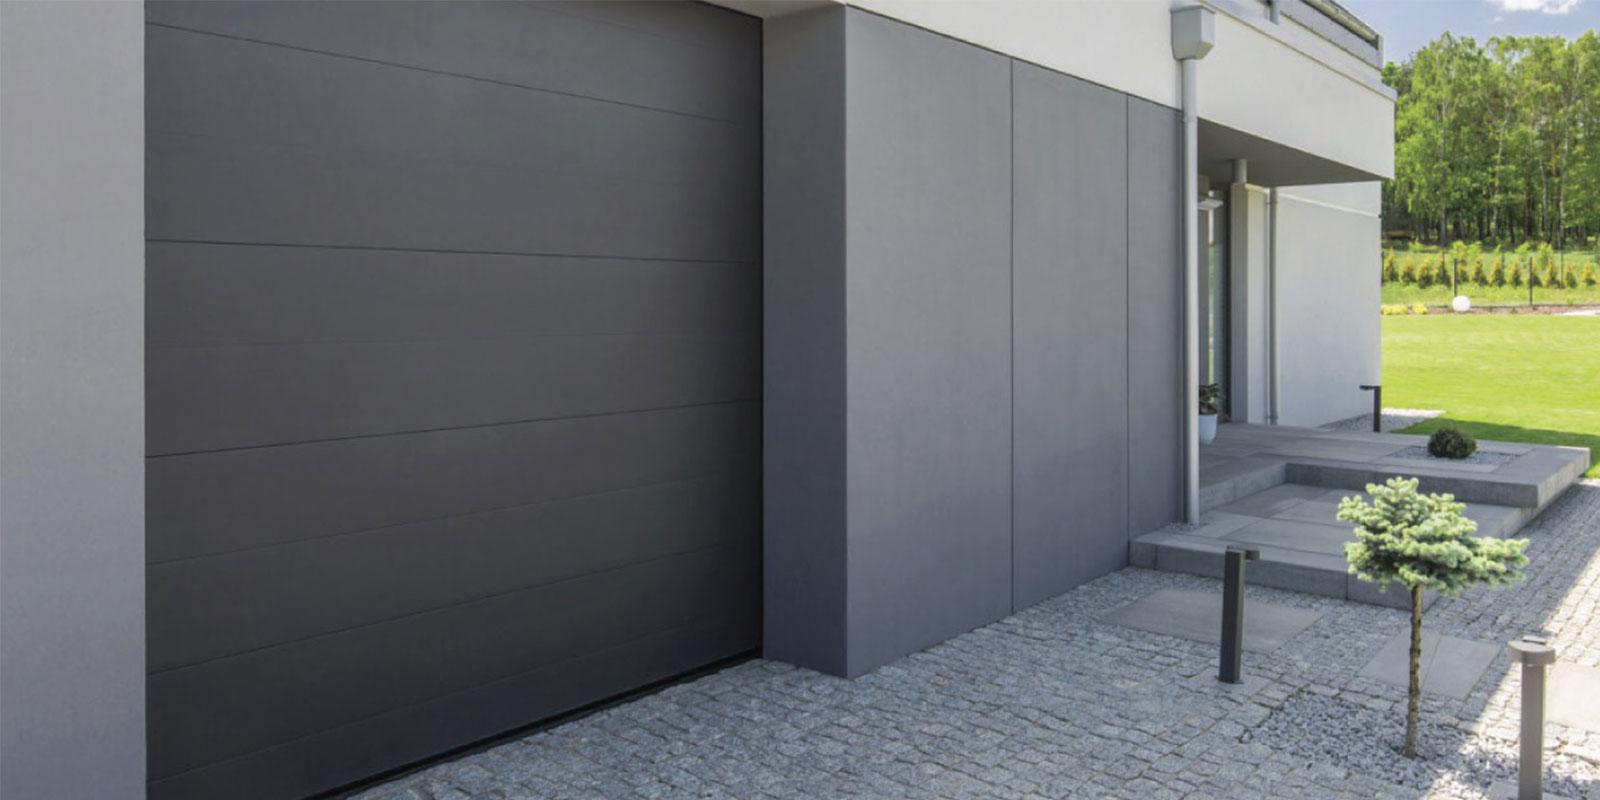 pose-portes-de-garage-marquette-lez-lille-marcq-en-baroeul-villeneuve-d-ascq-wasquehal-lambersart-wambrechies